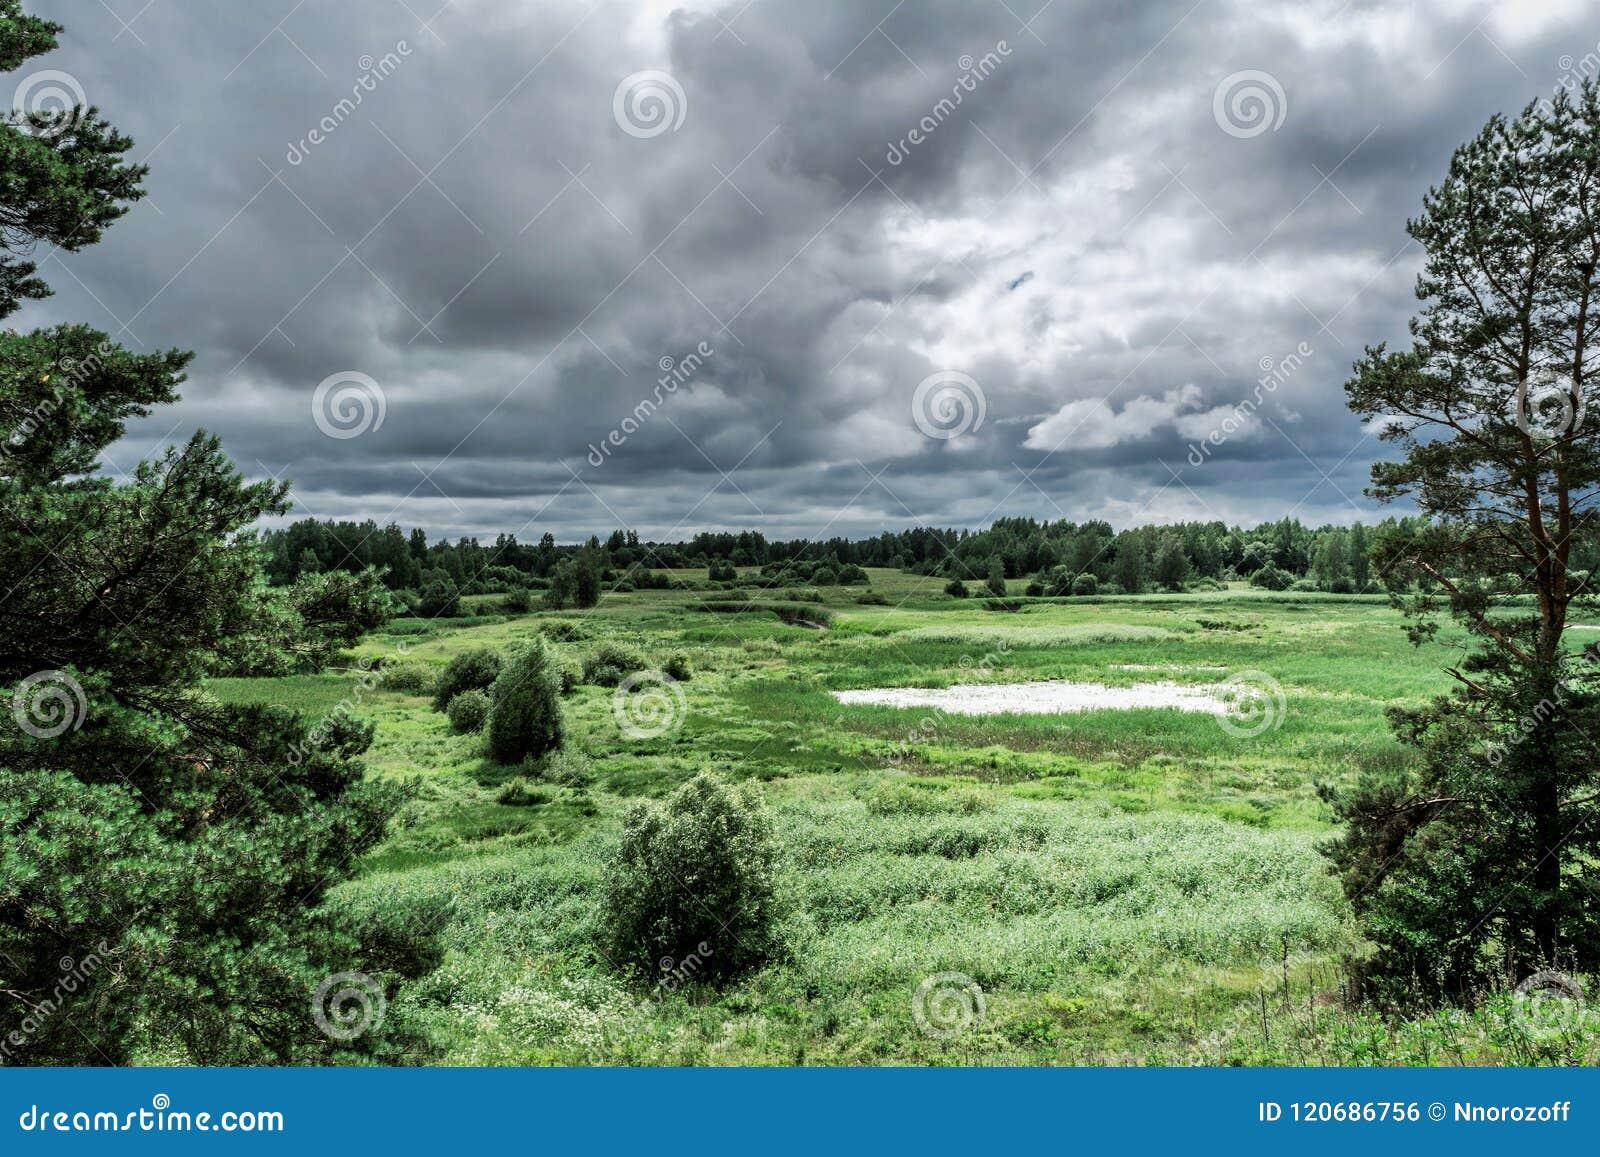 Groene vallei met een natuurlijke vijver, struiken en bomen, regenhemel, de zomer saaie winderige dag